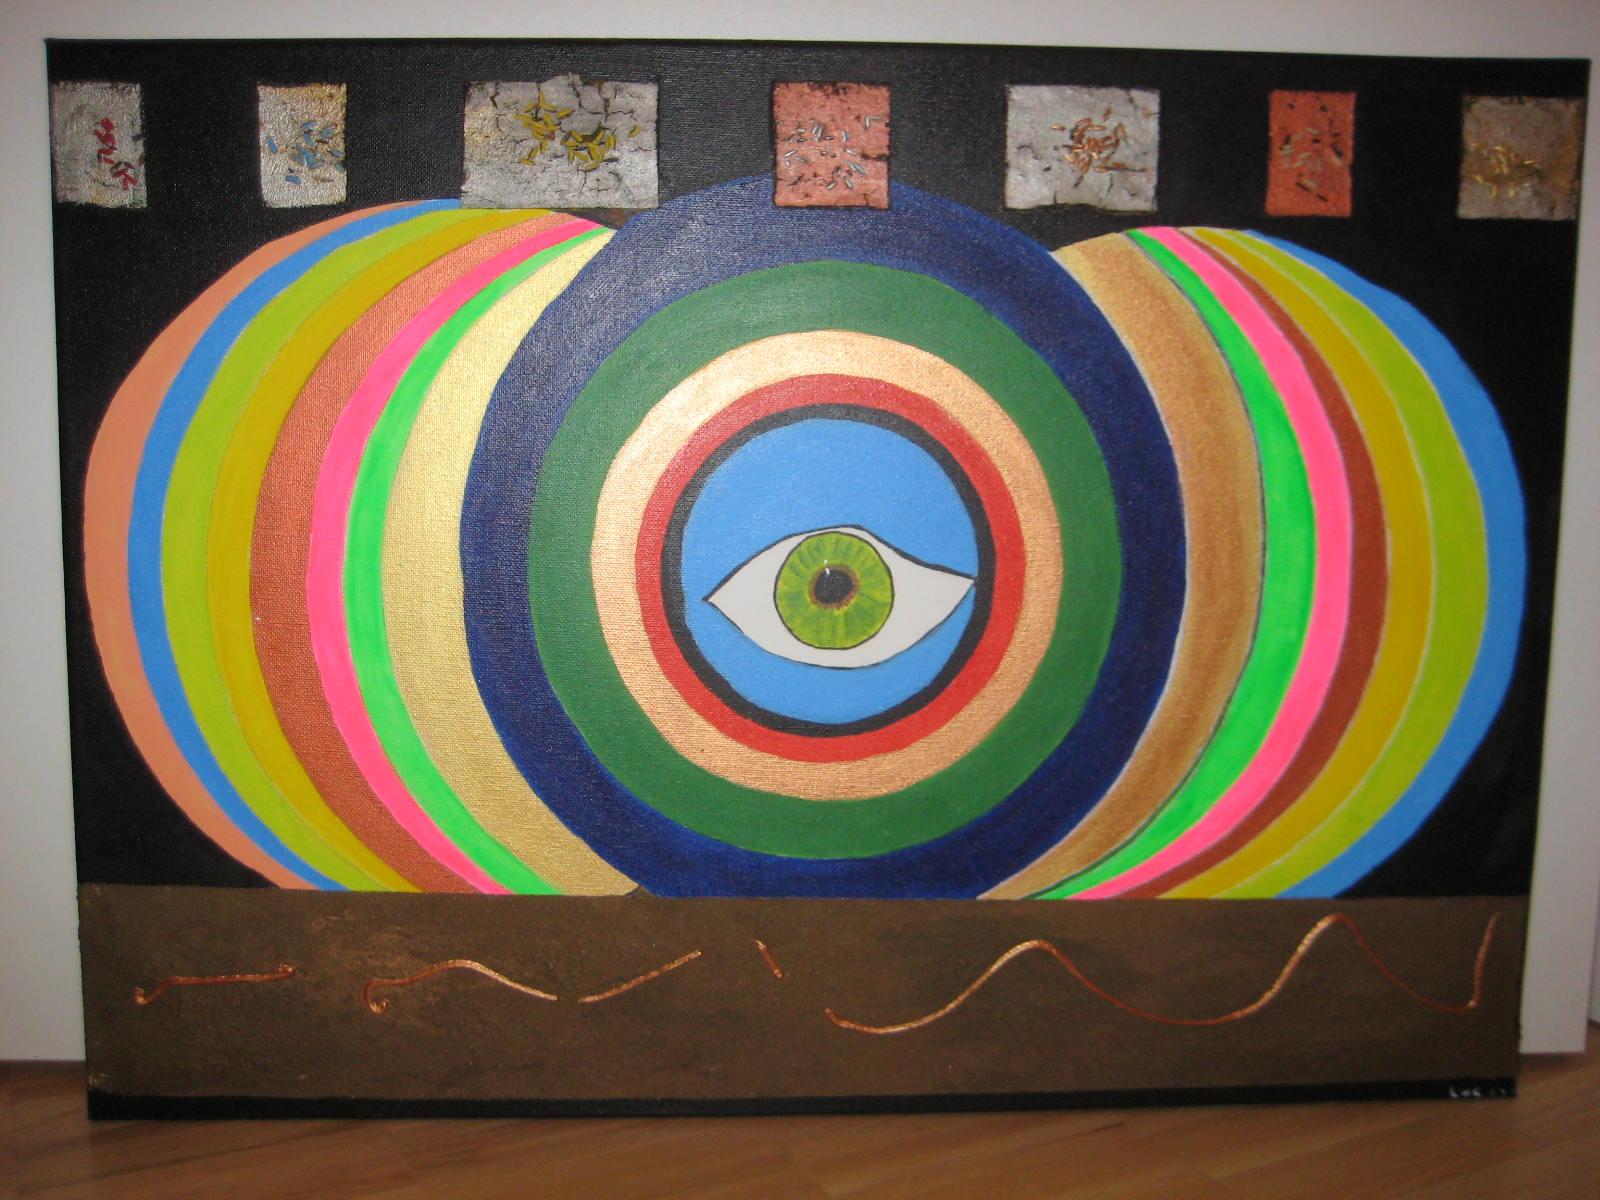 bild auge psychedelisch essen malerei menschen von maria bei kunstnet. Black Bedroom Furniture Sets. Home Design Ideas